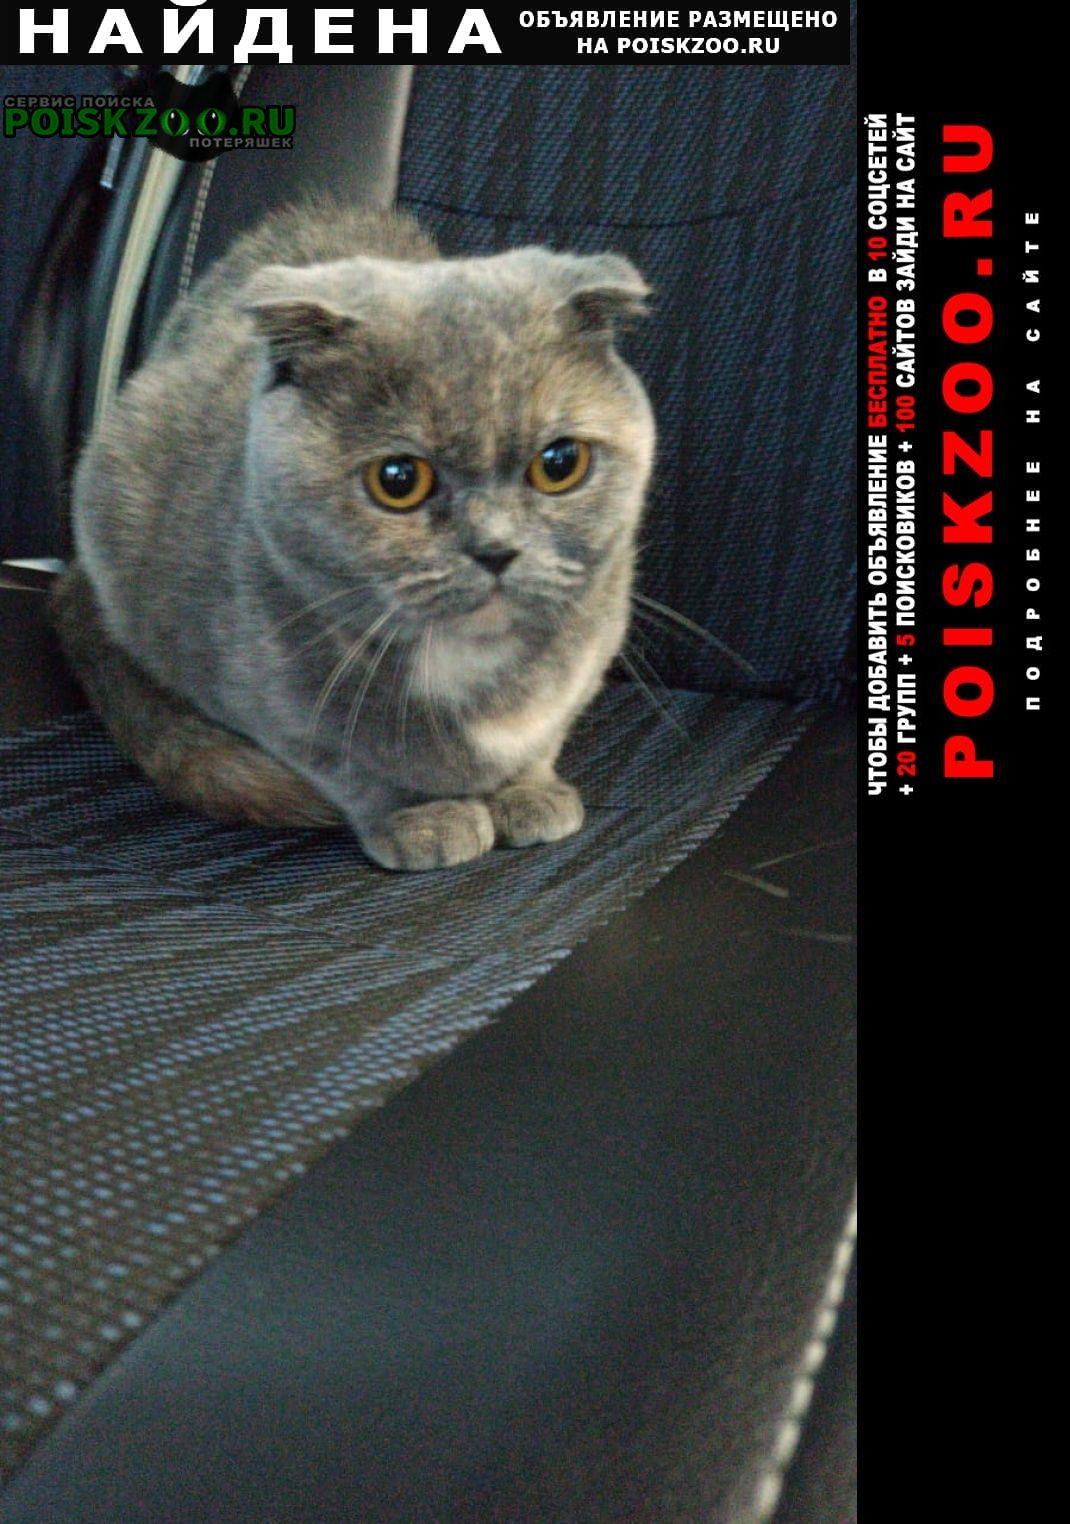 Найден котёнок Санкт-Петербург